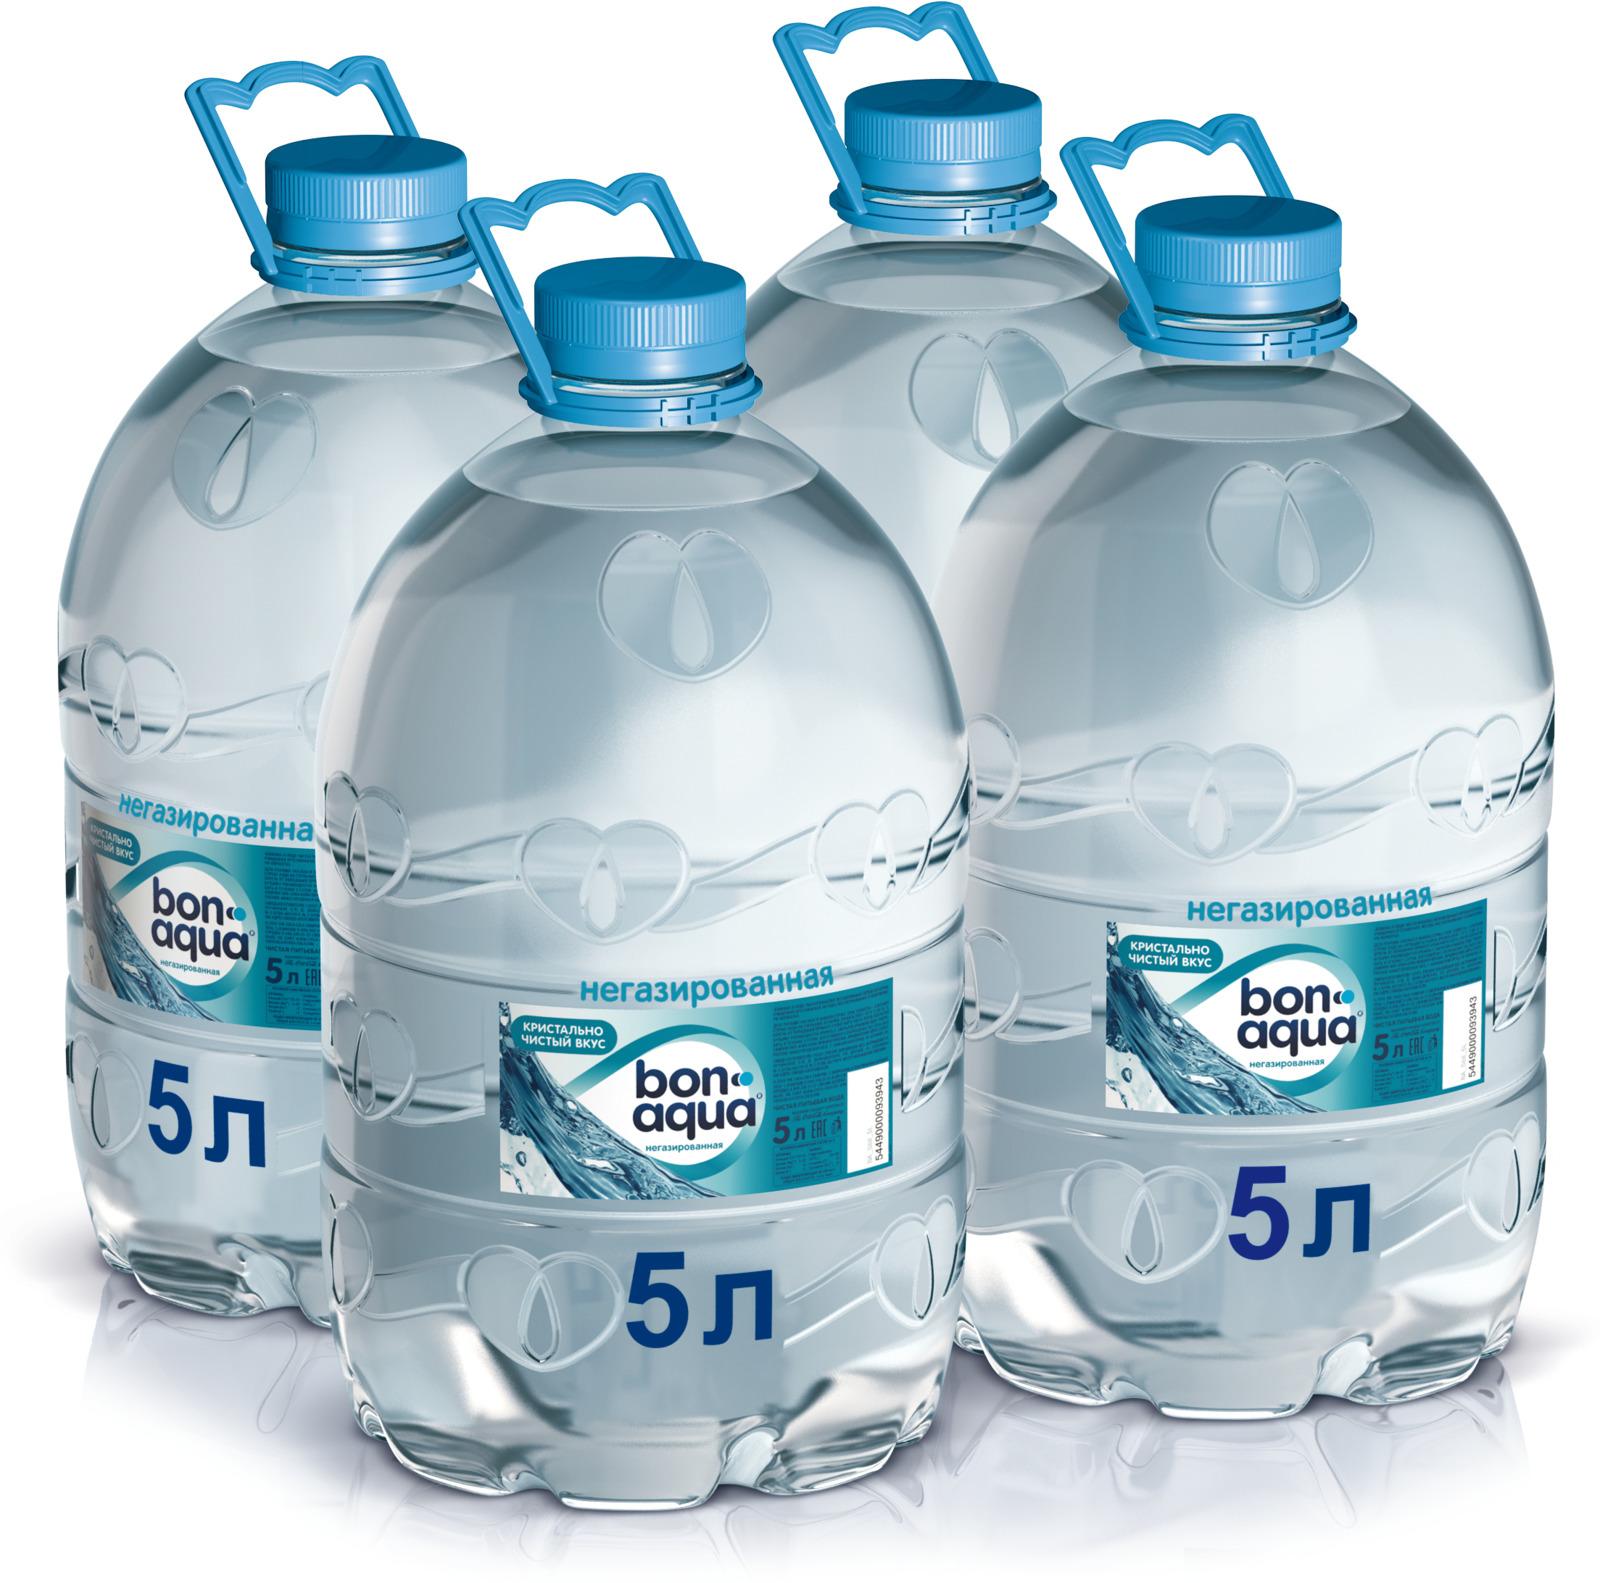 BonAqua вода чистая питьевая негазированная 4 штуки по 5 л